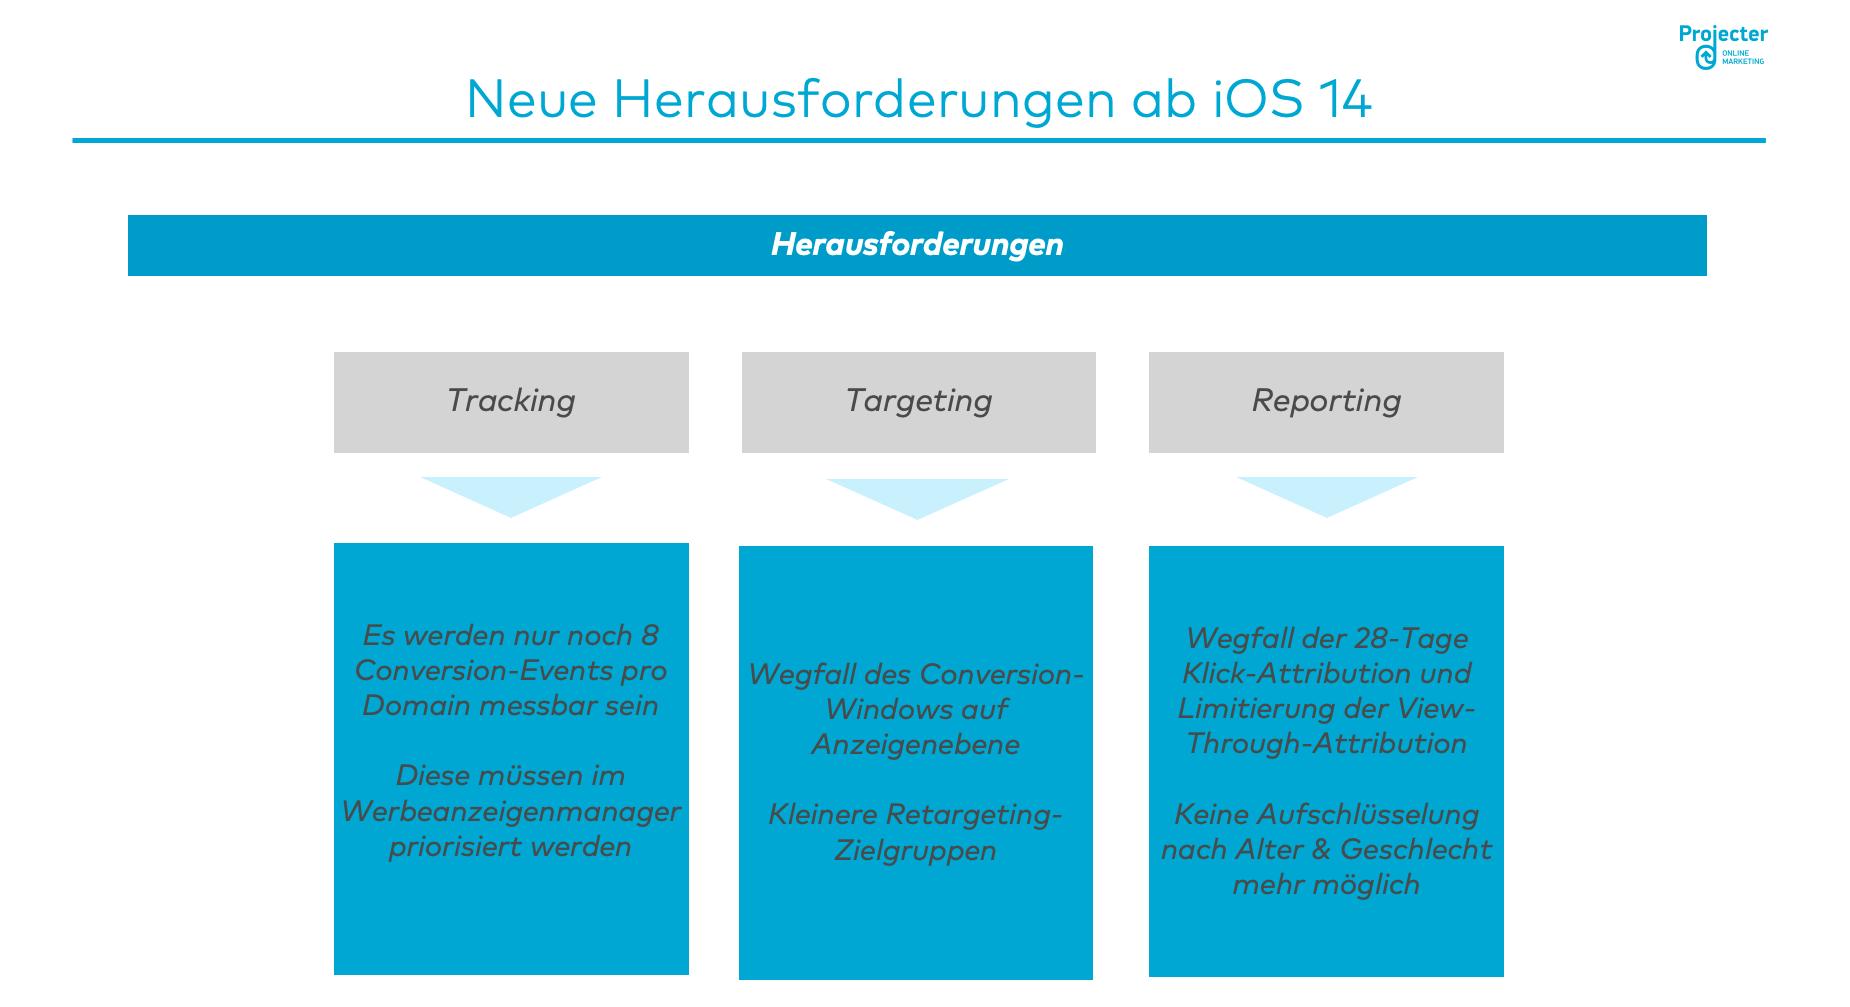 Grafik Übersicht über die neuen Herausforderungen beim Social Media Advertising ab iOS14